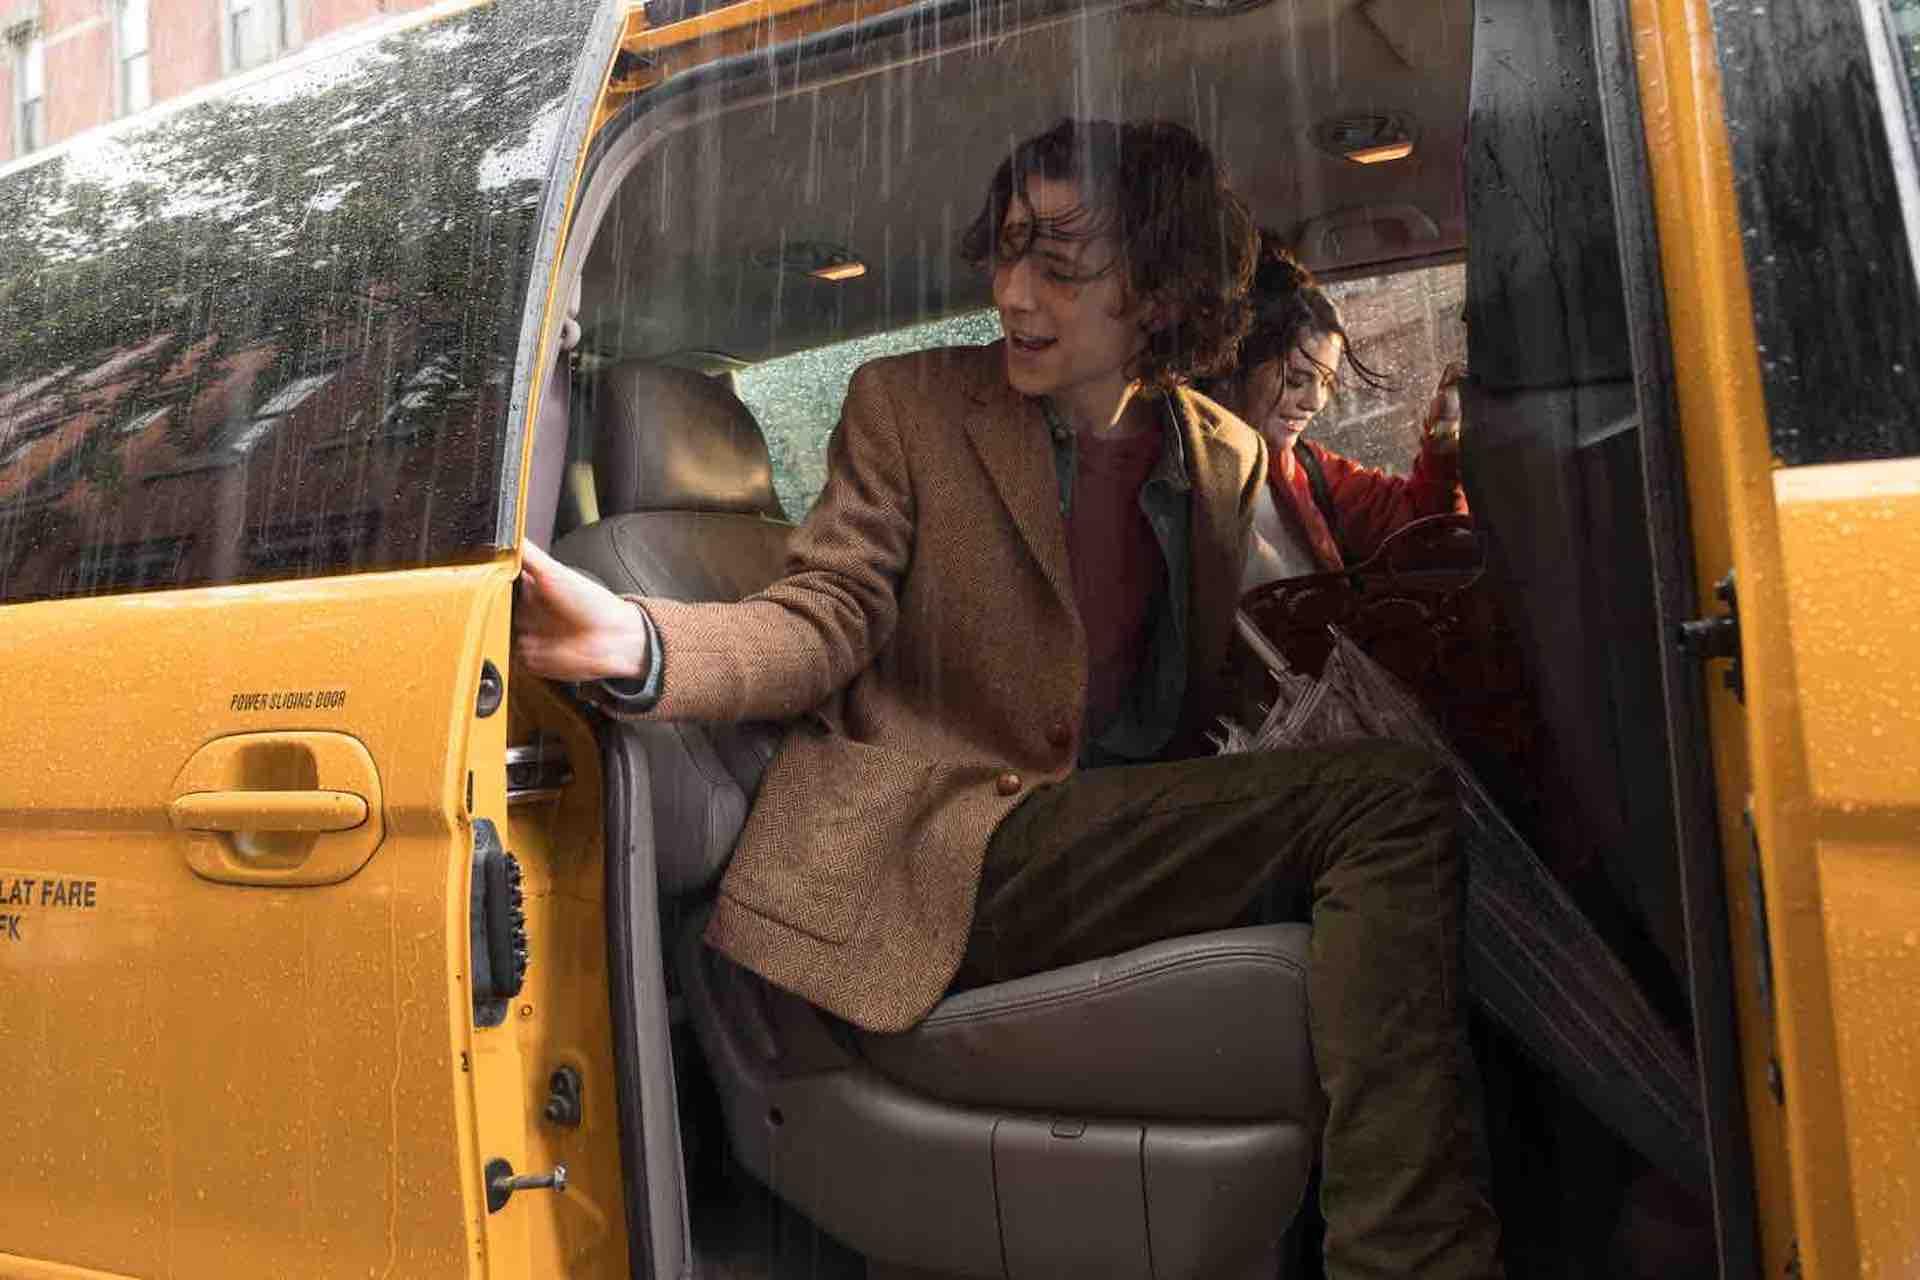 ウディ・アレン最新作『レイニーデイ・イン・ニューヨーク』伏し目がちな姿やモデルのようなティモシー・シャラメの場面写真が公開! film200609_rainyday_in_ny_04